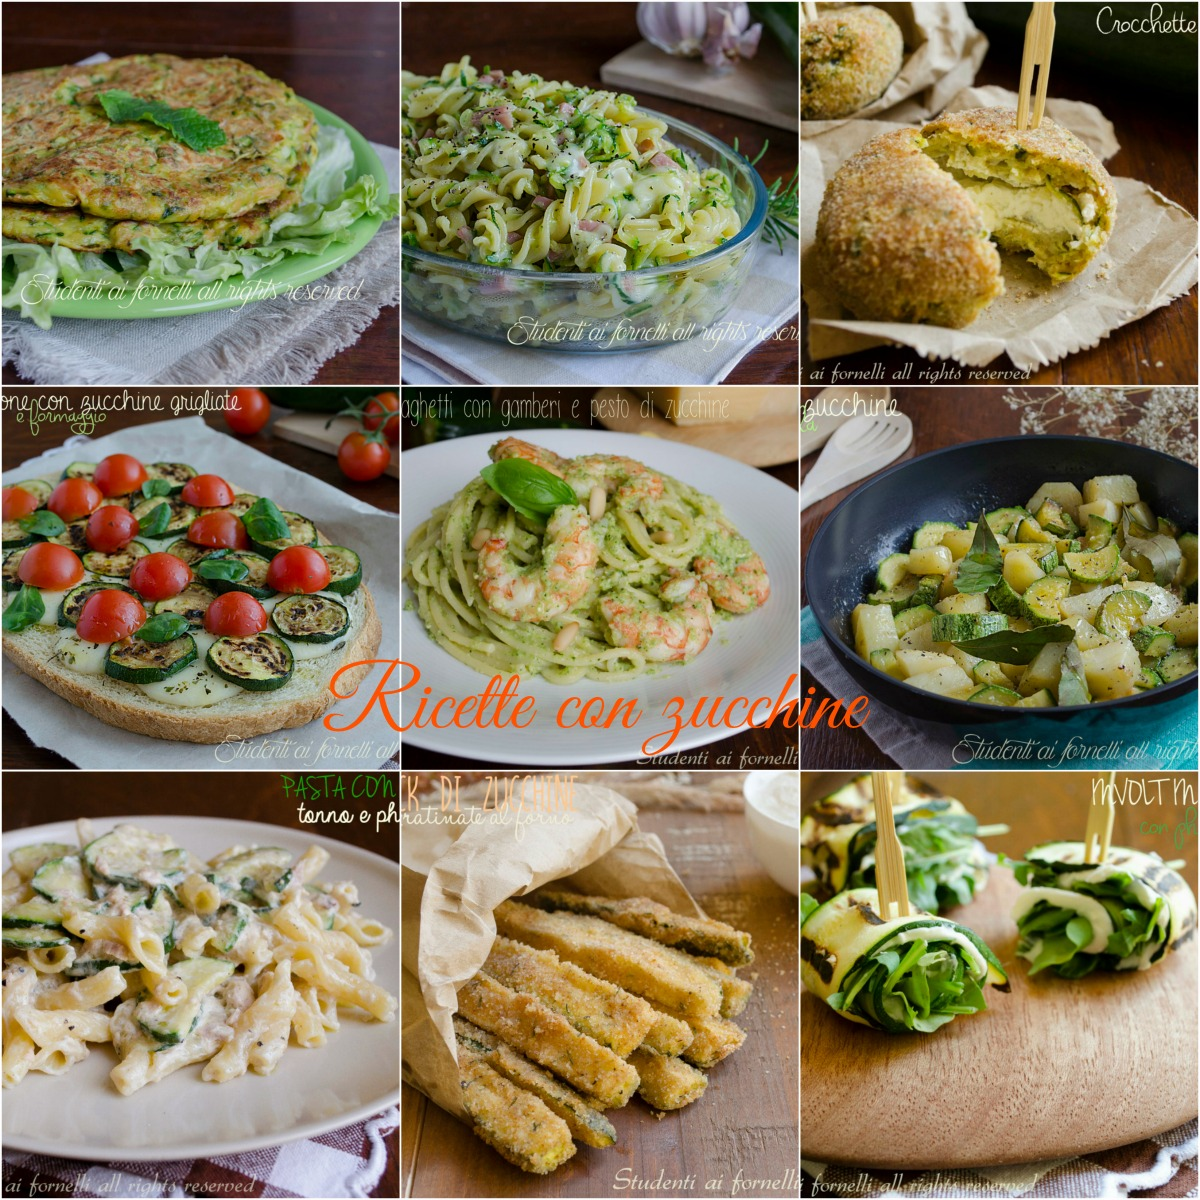 Raccolta di ricette con le zucchine ricette facili e veloci for Ricette di cucina antipasti